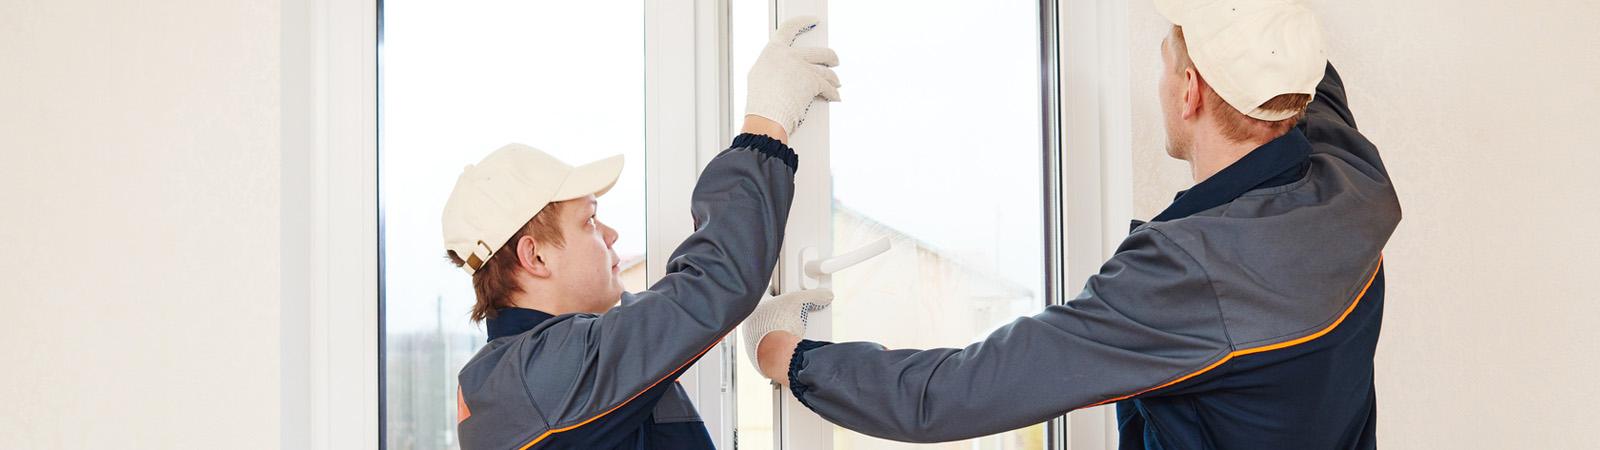 Bei Kauf und Montage von Fenstern auf Qualität achten